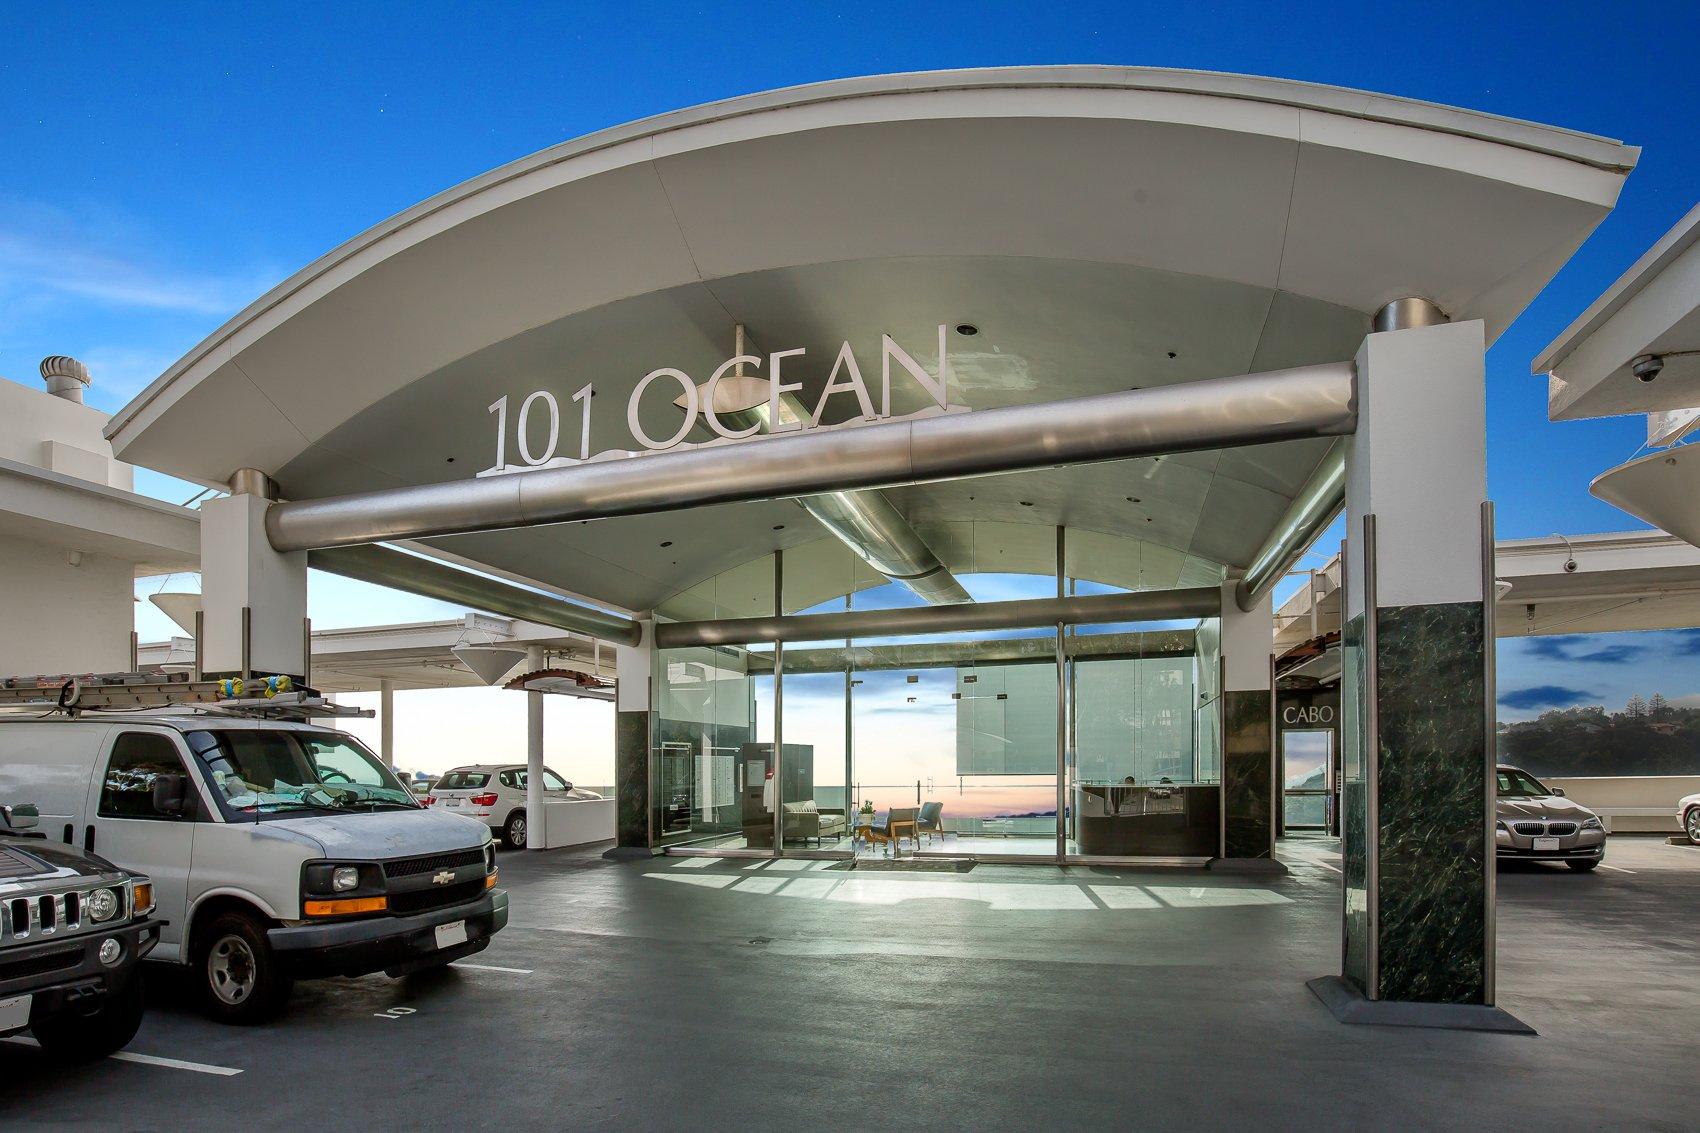 101 Ocean #E502 - 2